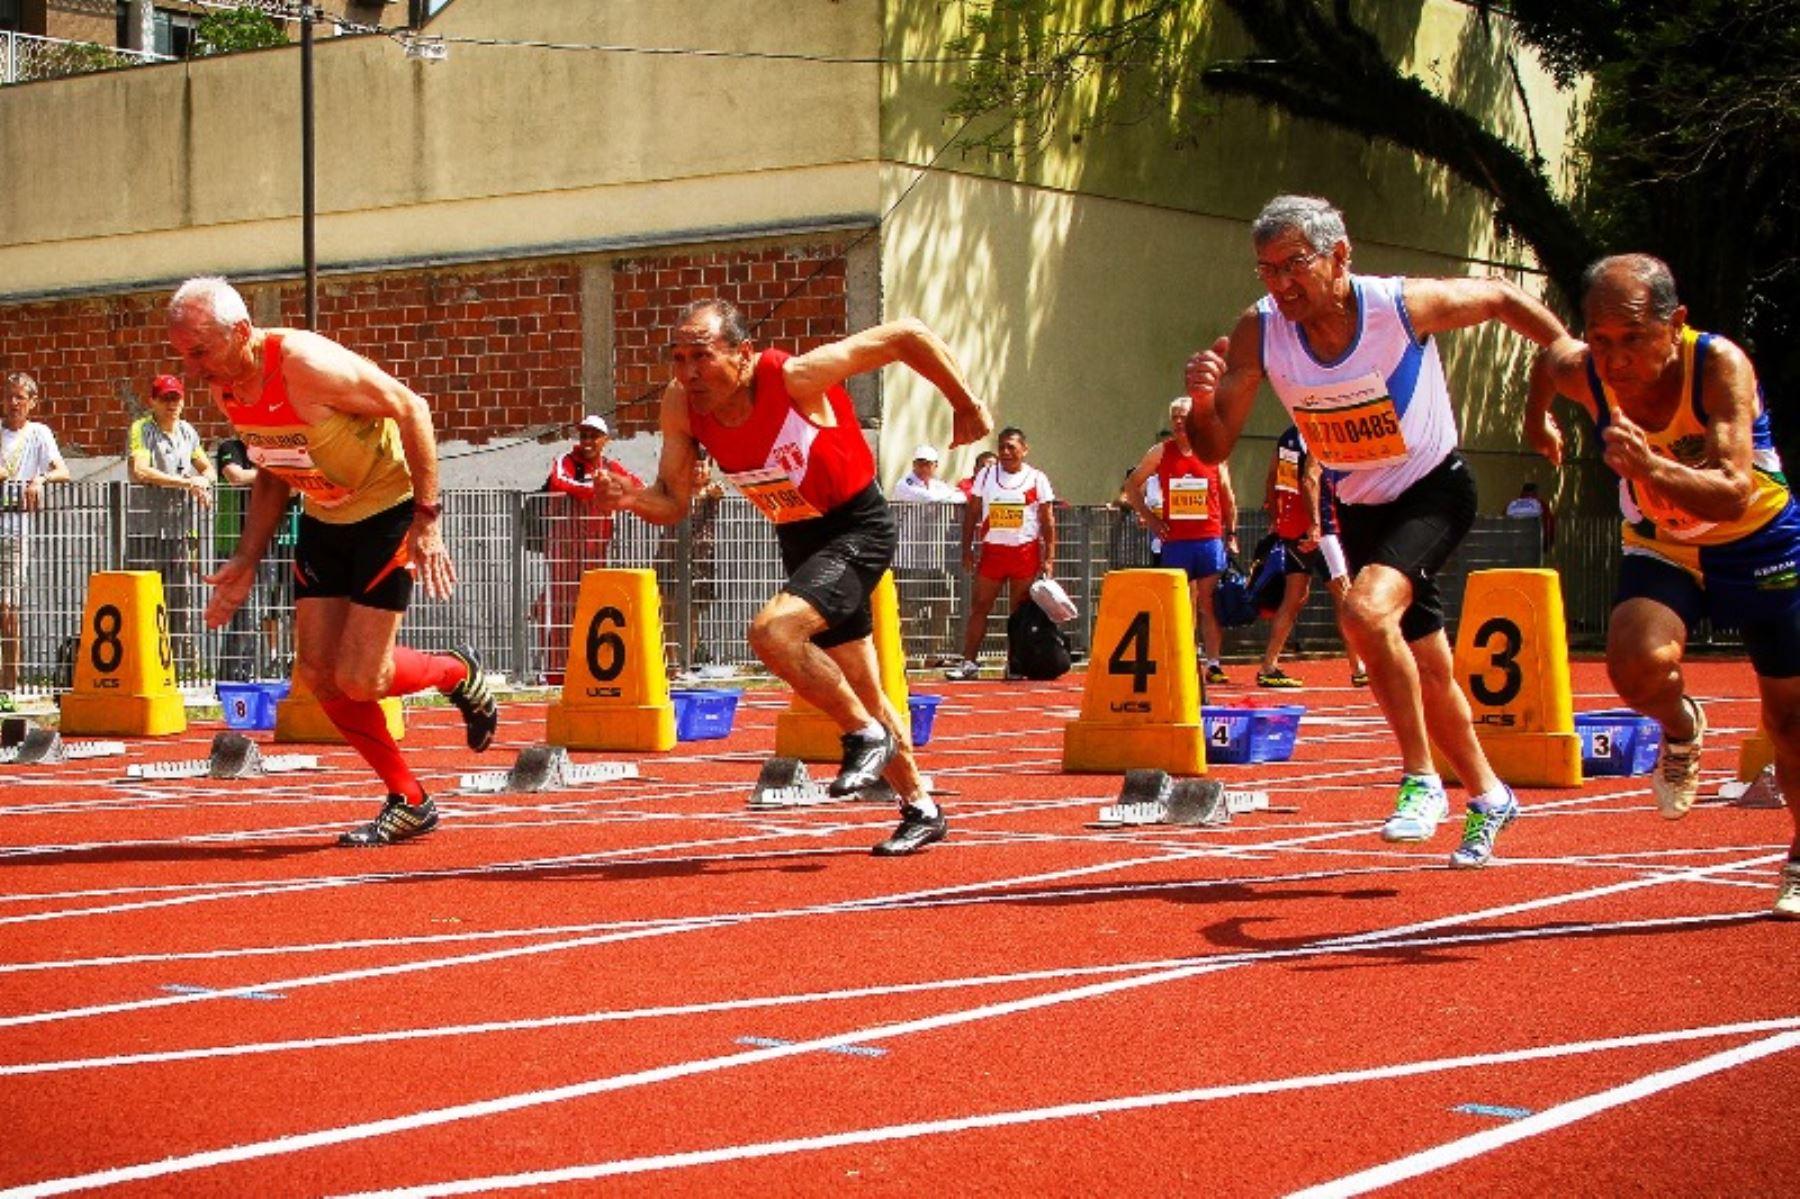 Campeonato Iberoamericano de Atletismo se inicia hoy en la Videna